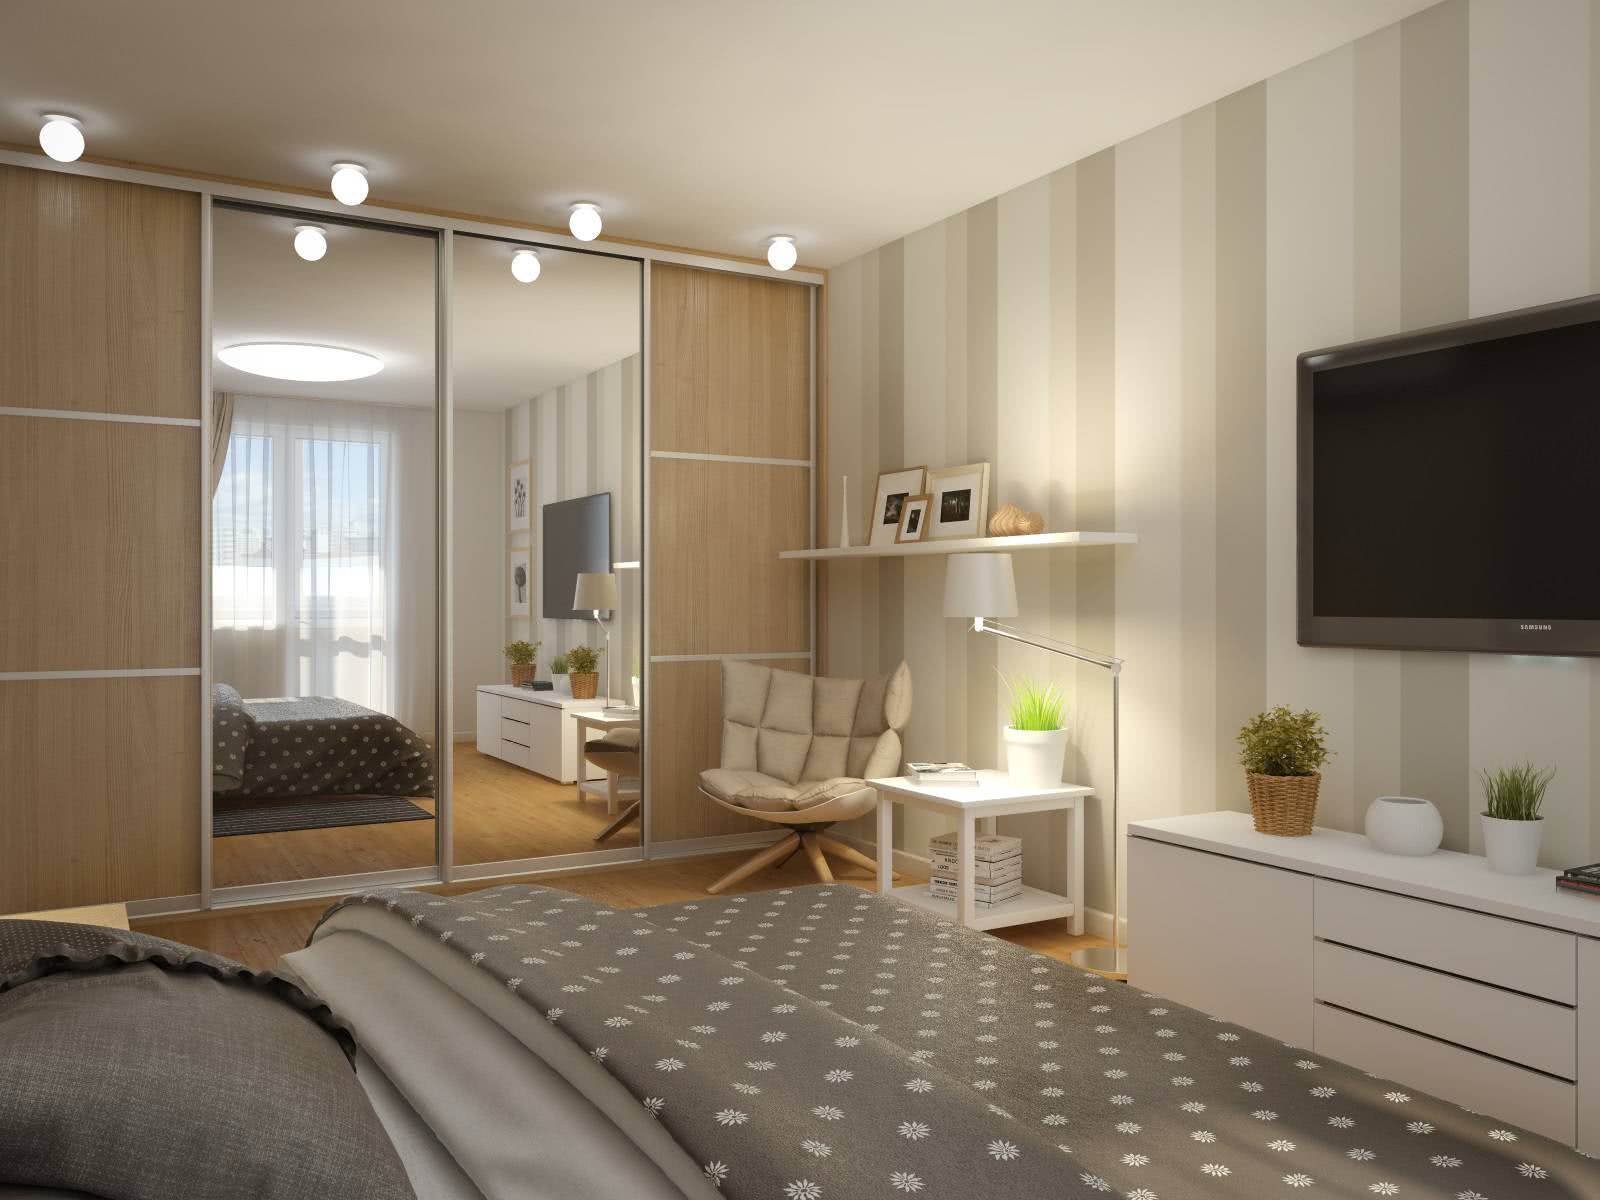 Шкаф купе в однокомнатной квартире Хрущевке